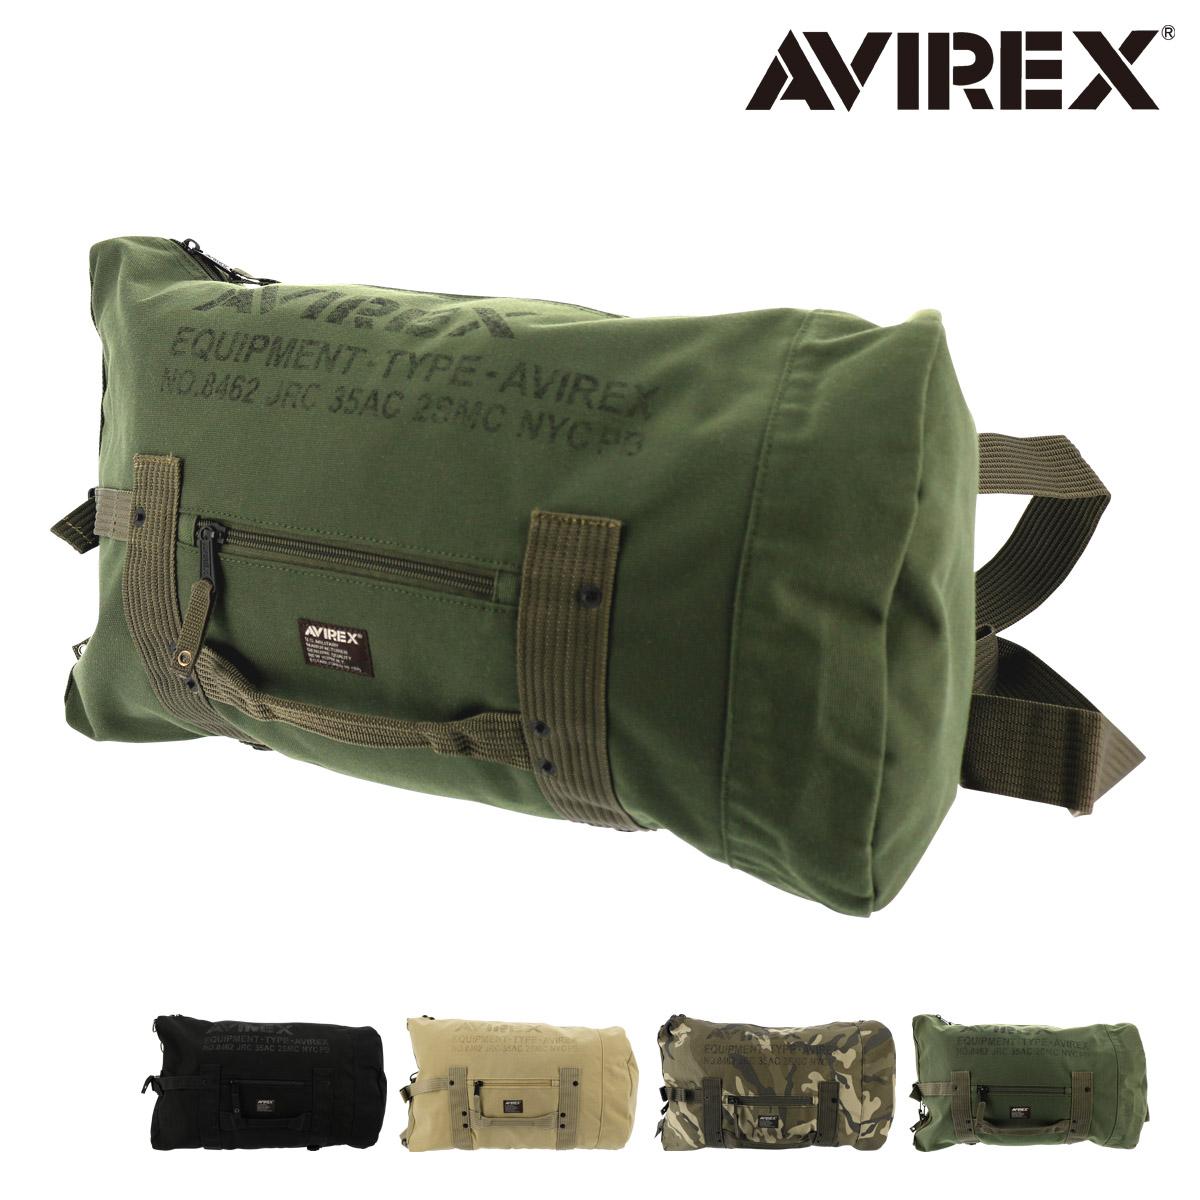 アヴィレックス リュック イーグル メンズ AVX-3514 AVIREX | リュックサック バックパック ボンサック[bef][PO10]